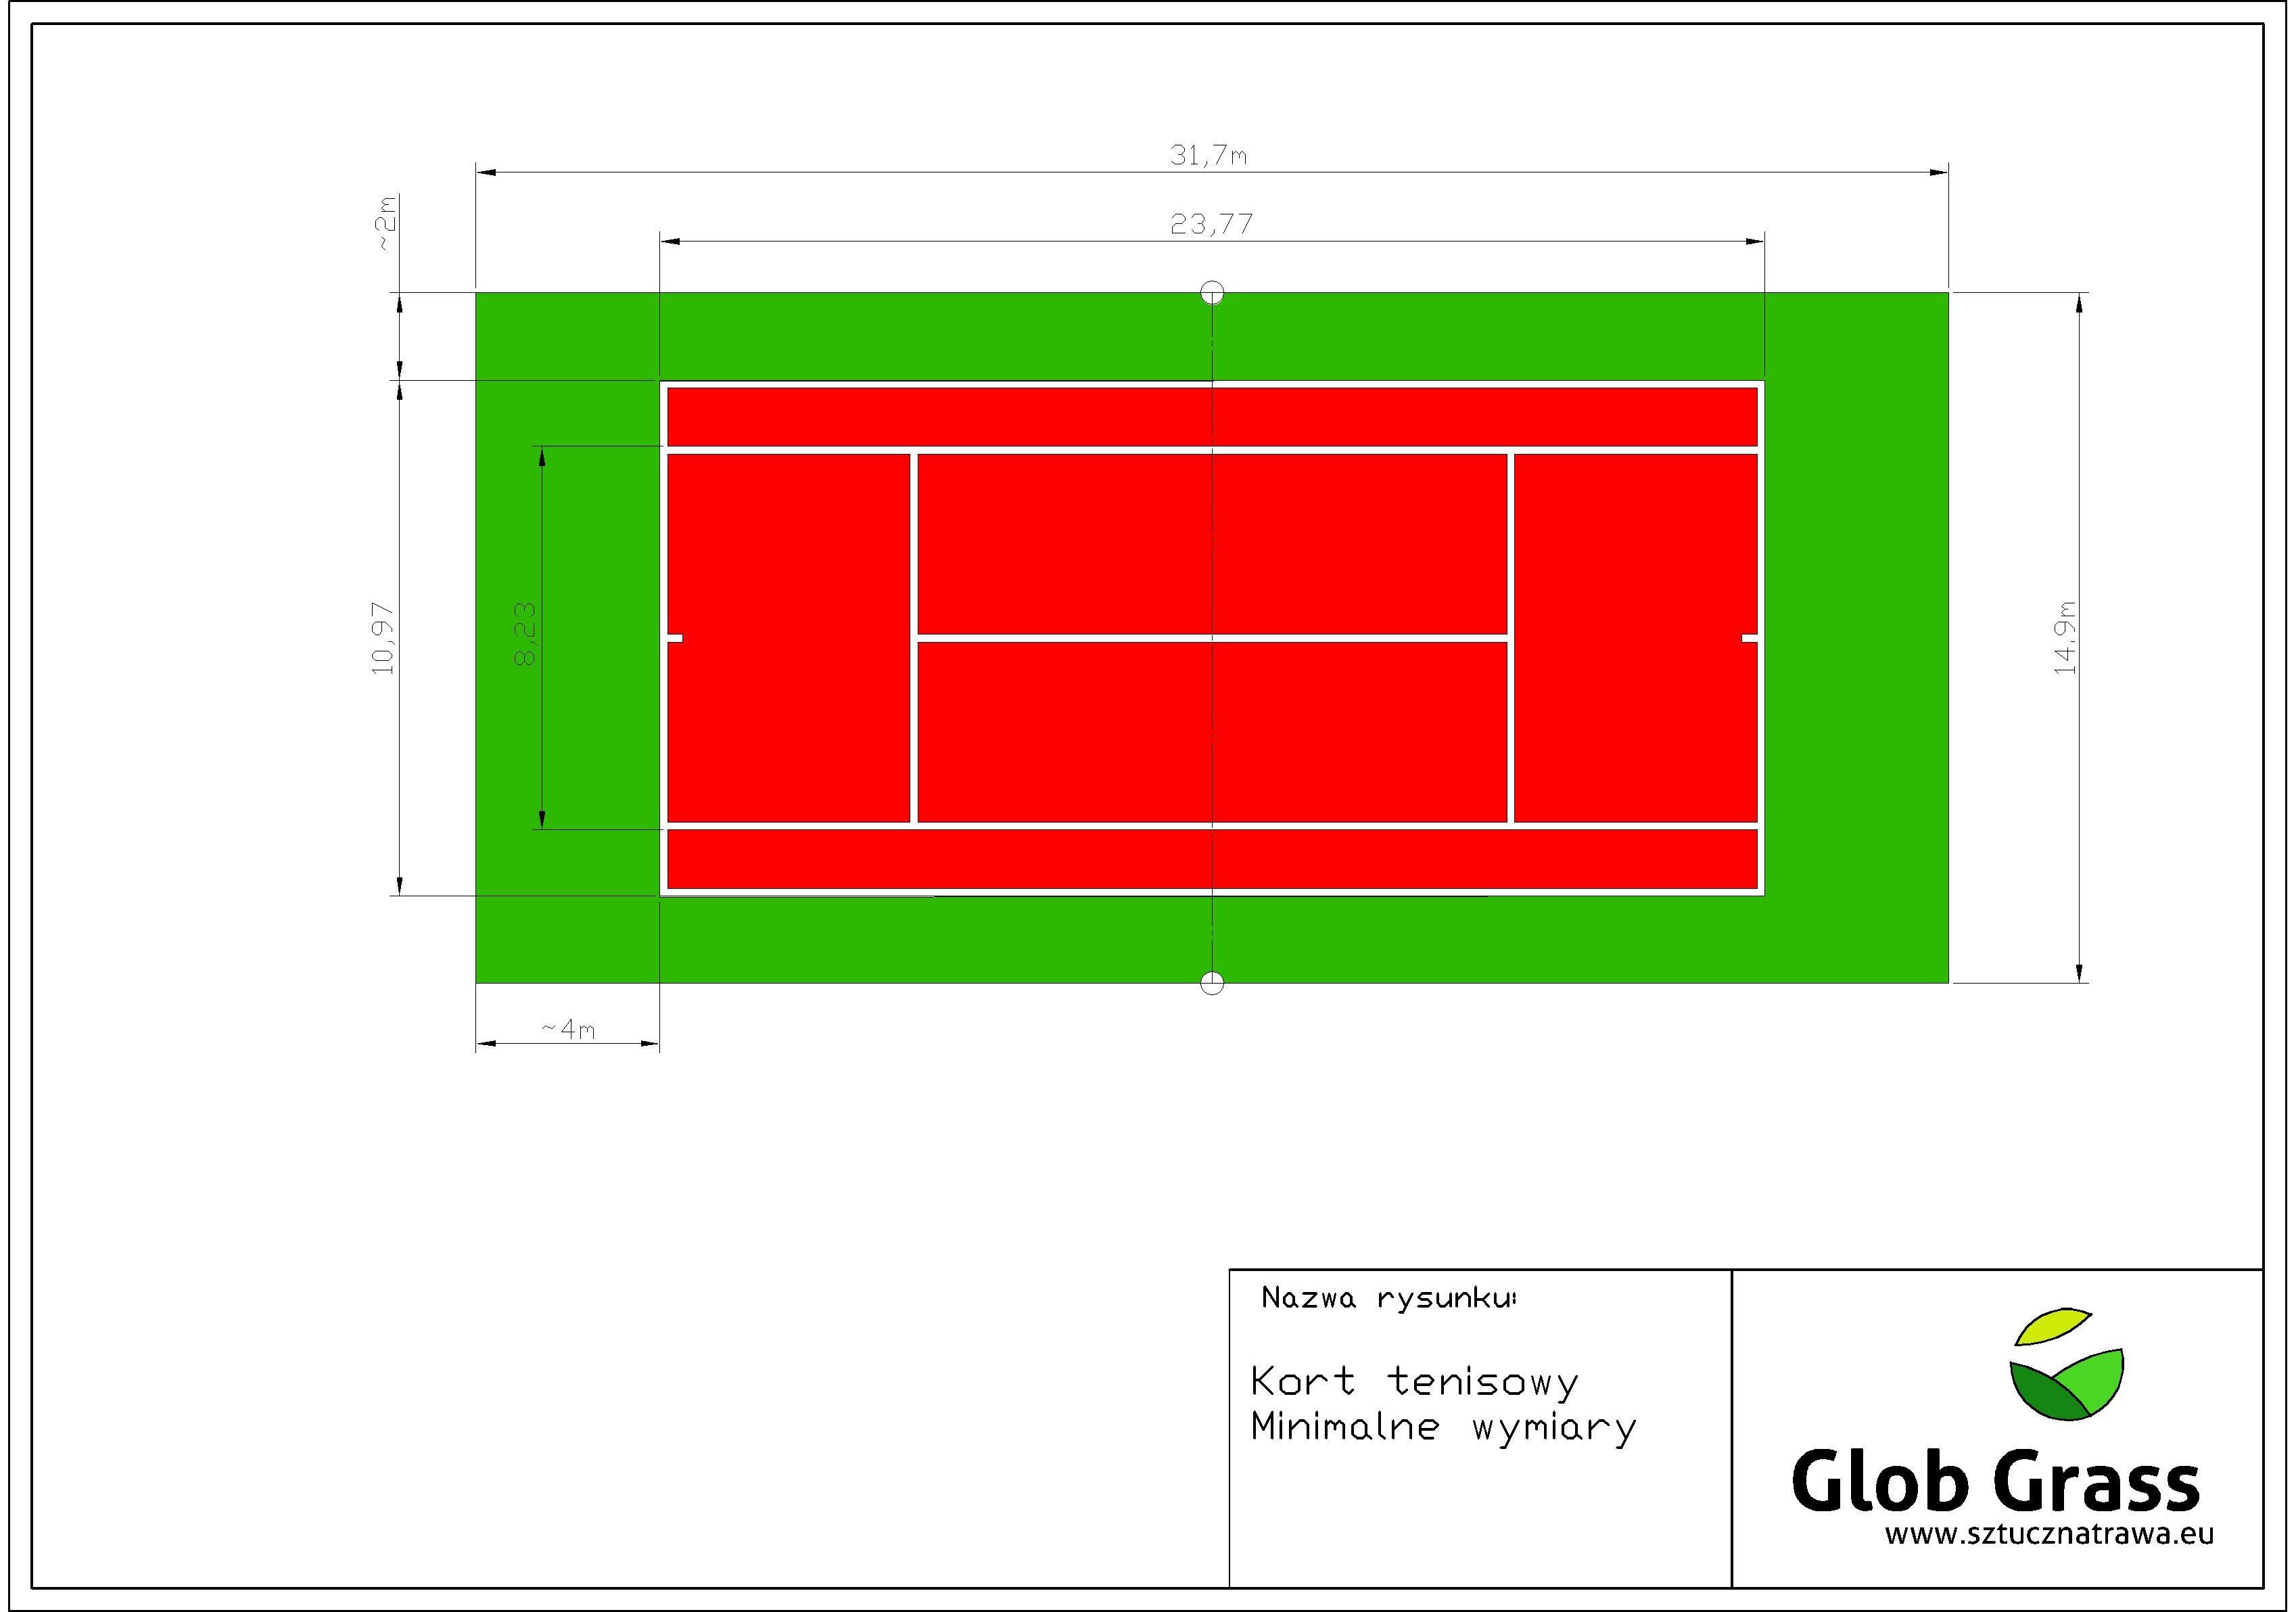 Kort minimalne wymiary 31,7 na 14,9-Model